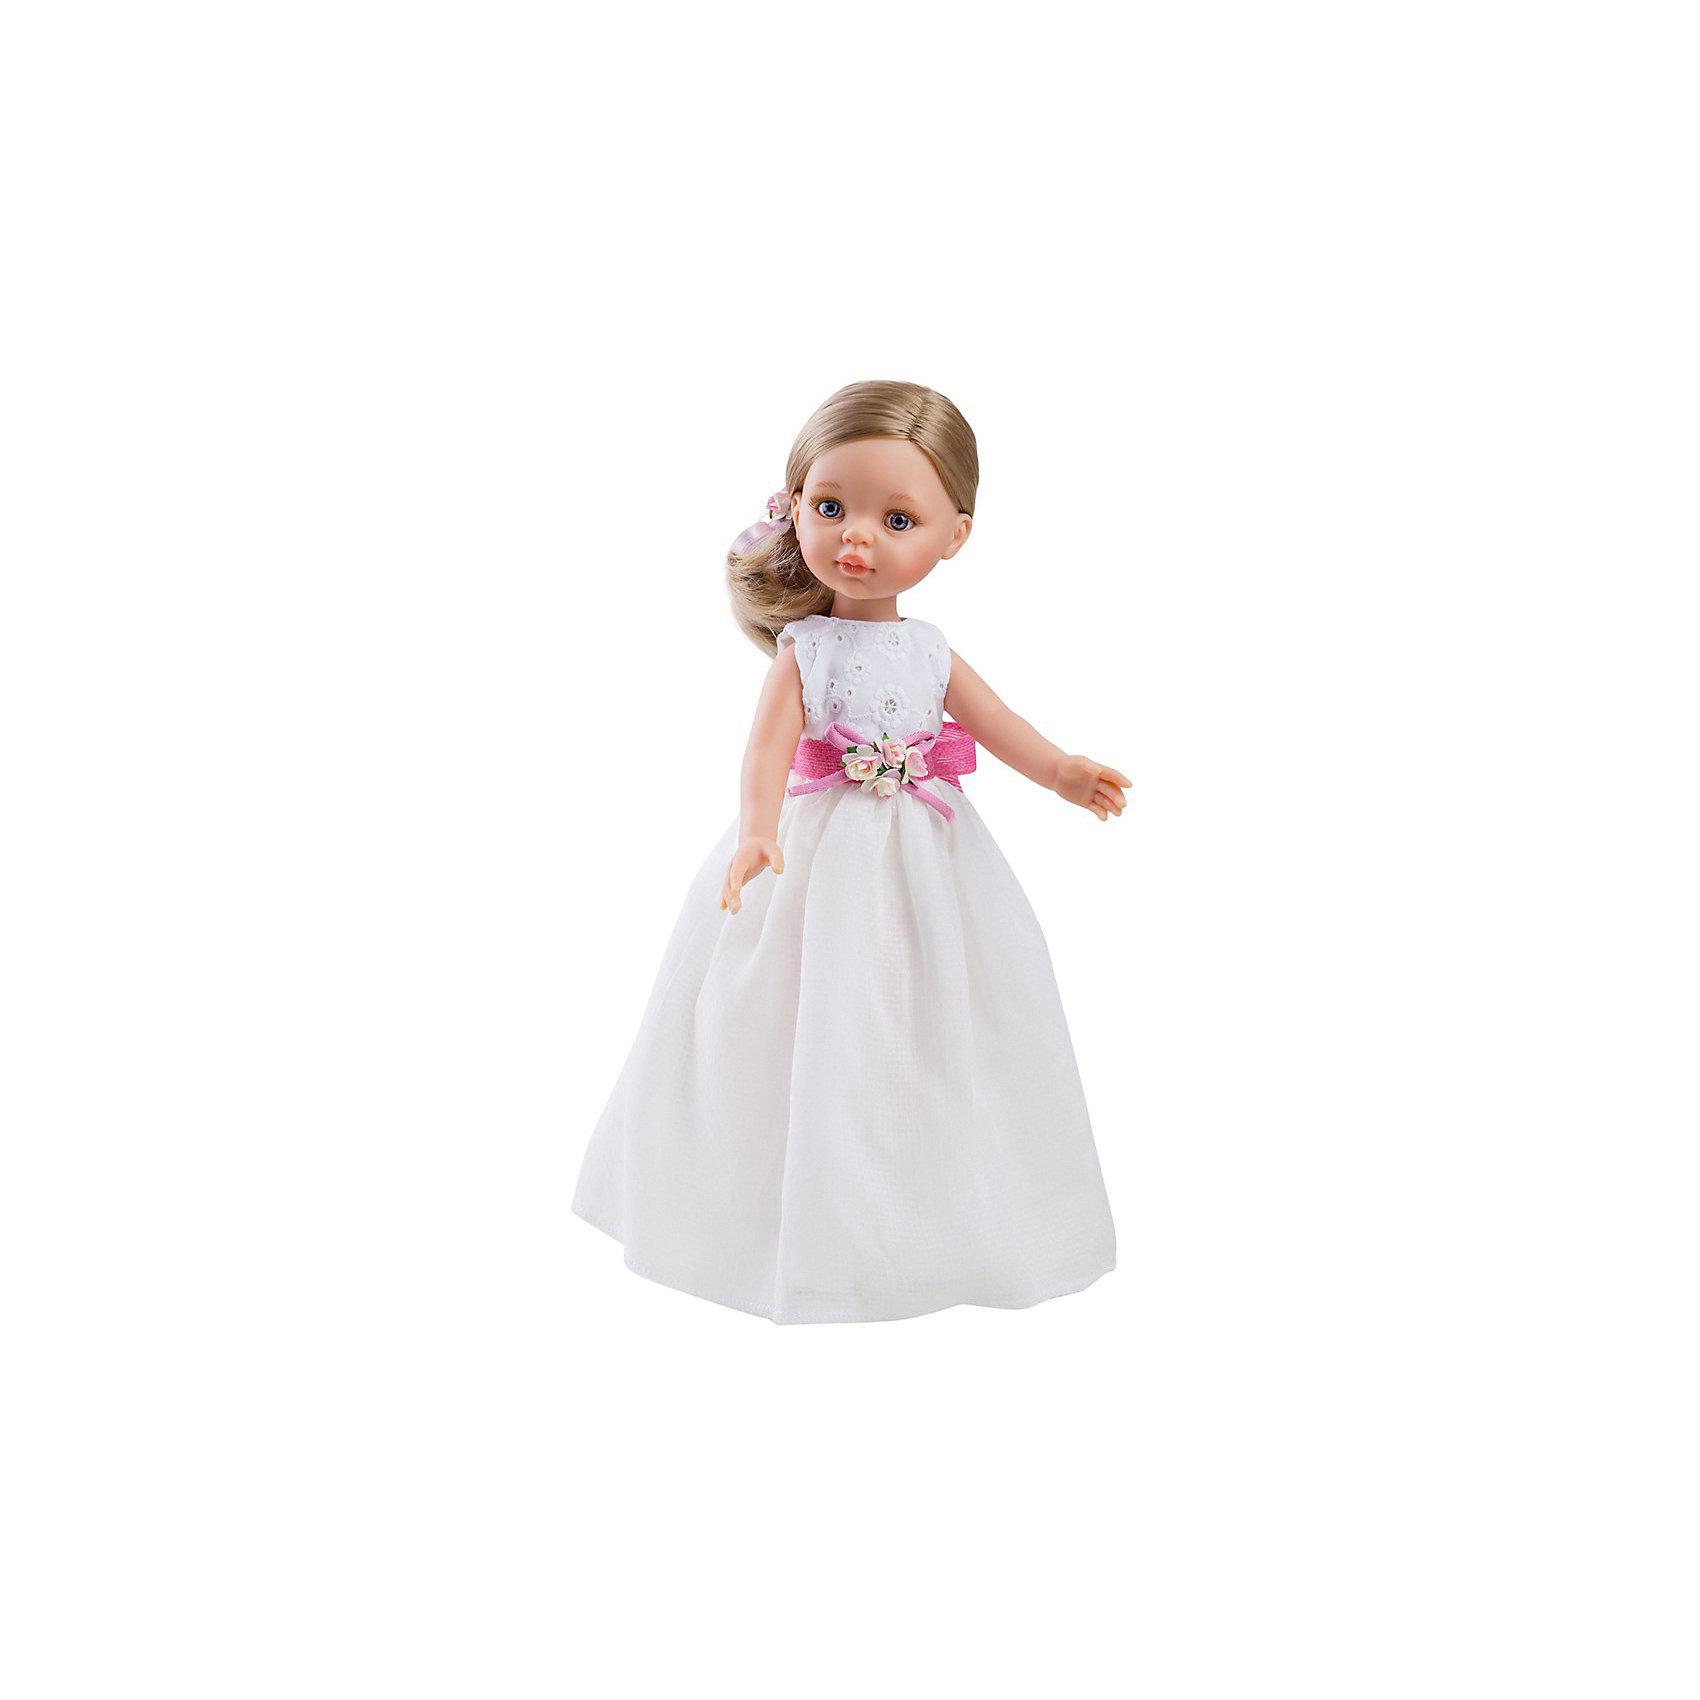 Кукла Клэр, 32 см, Paola ReinaКлассические куклы<br>Кукла имеет нежный ванильный аромат; уникальный и неповторимый дизайн лица и тела; ручная работа (ресницы, веснушки, щечки, губы, прическа); волосы легко расчесываются и блестят; ручки, ножки и голова поворачиваются. <br>Качество подтверждено нормами безопасности EN17 ЕЭС. <br>Материалы: кукла изготовлена из винила; глаза выполнены в виде кристалла из прозрачного твердого пластика; волосы сделаны из высококачественного нейлона.<br><br>Ширина мм: 110<br>Глубина мм: 230<br>Высота мм: 410<br>Вес г: 667<br>Возраст от месяцев: 36<br>Возраст до месяцев: 144<br>Пол: Женский<br>Возраст: Детский<br>SKU: 4795916